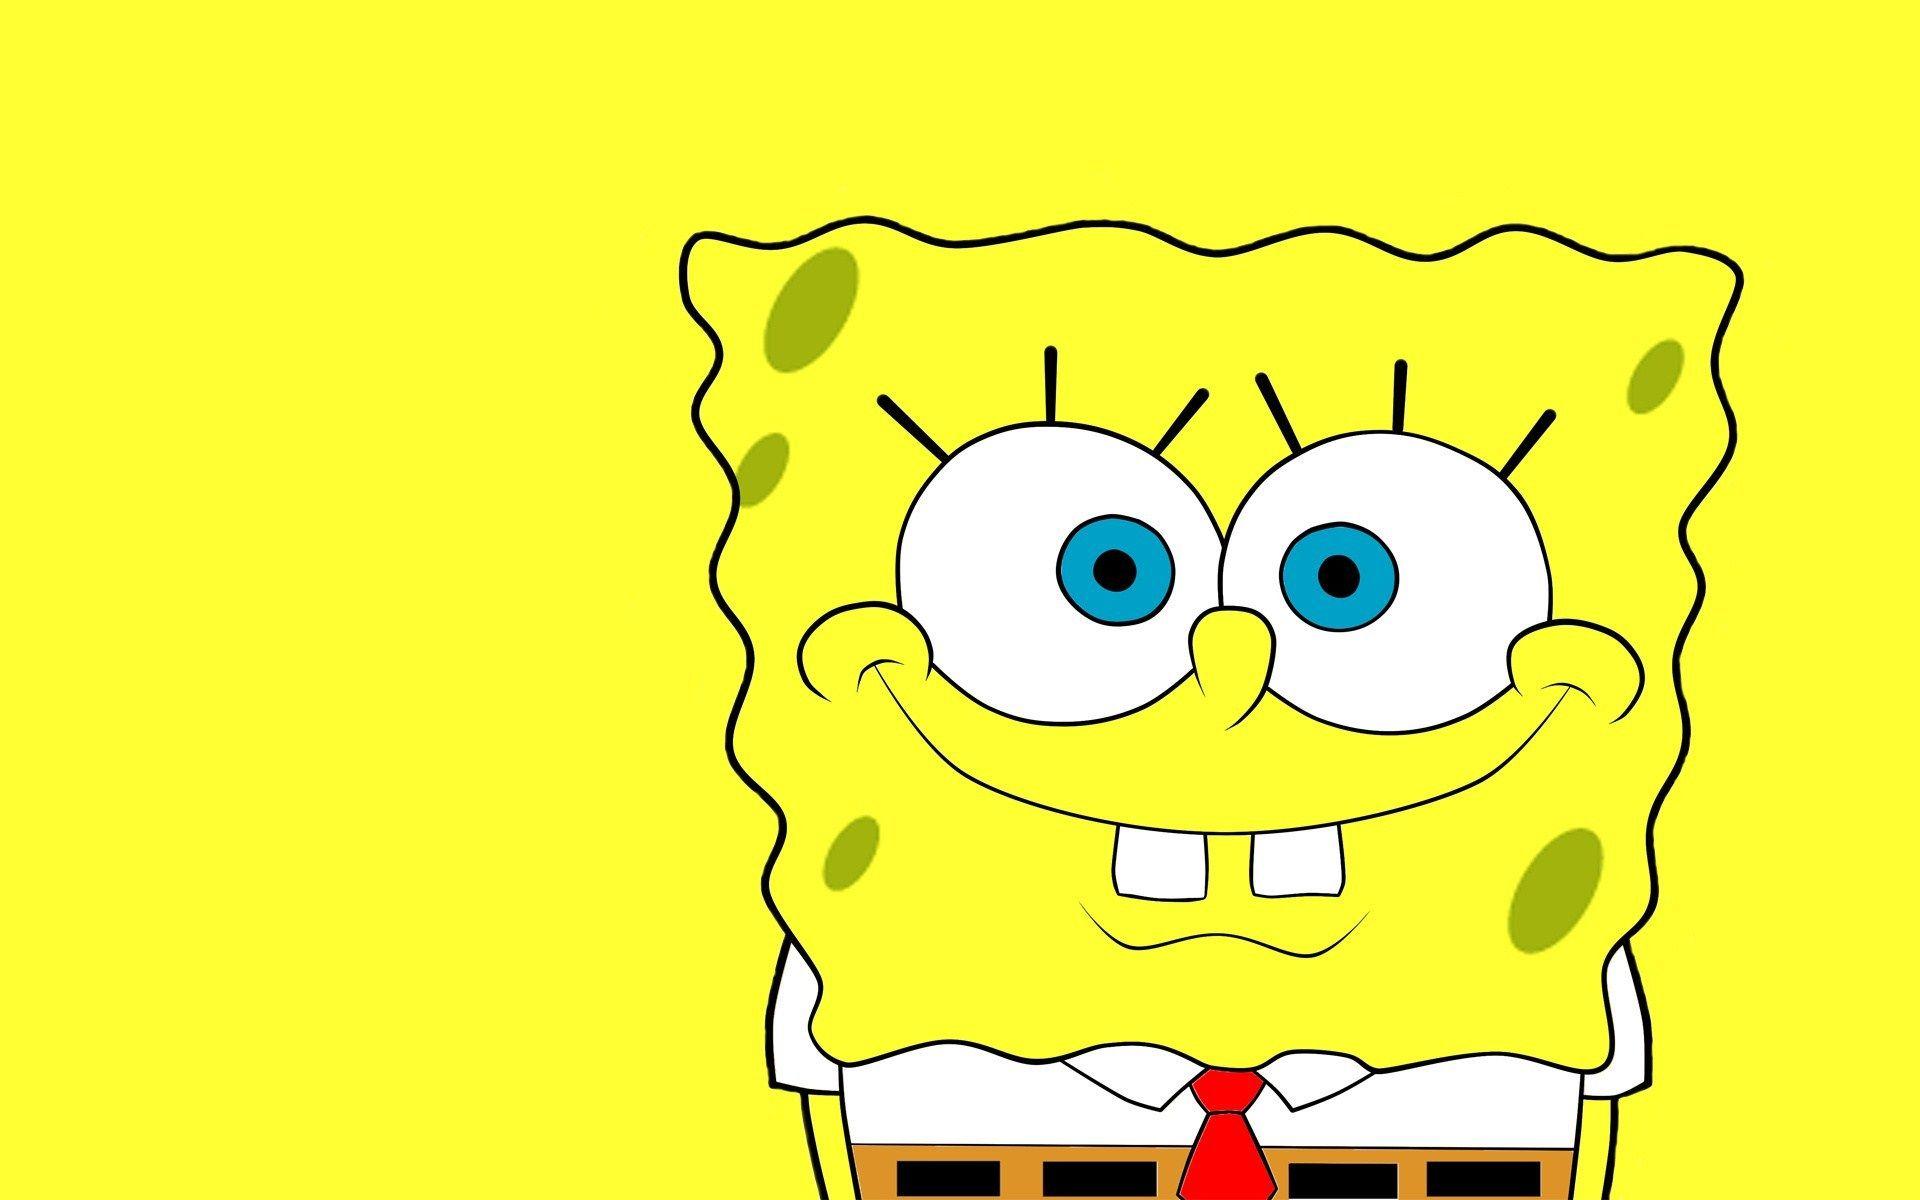 spongebob cartoon | kids art | pinterest | 3d wallpaper, 3d and